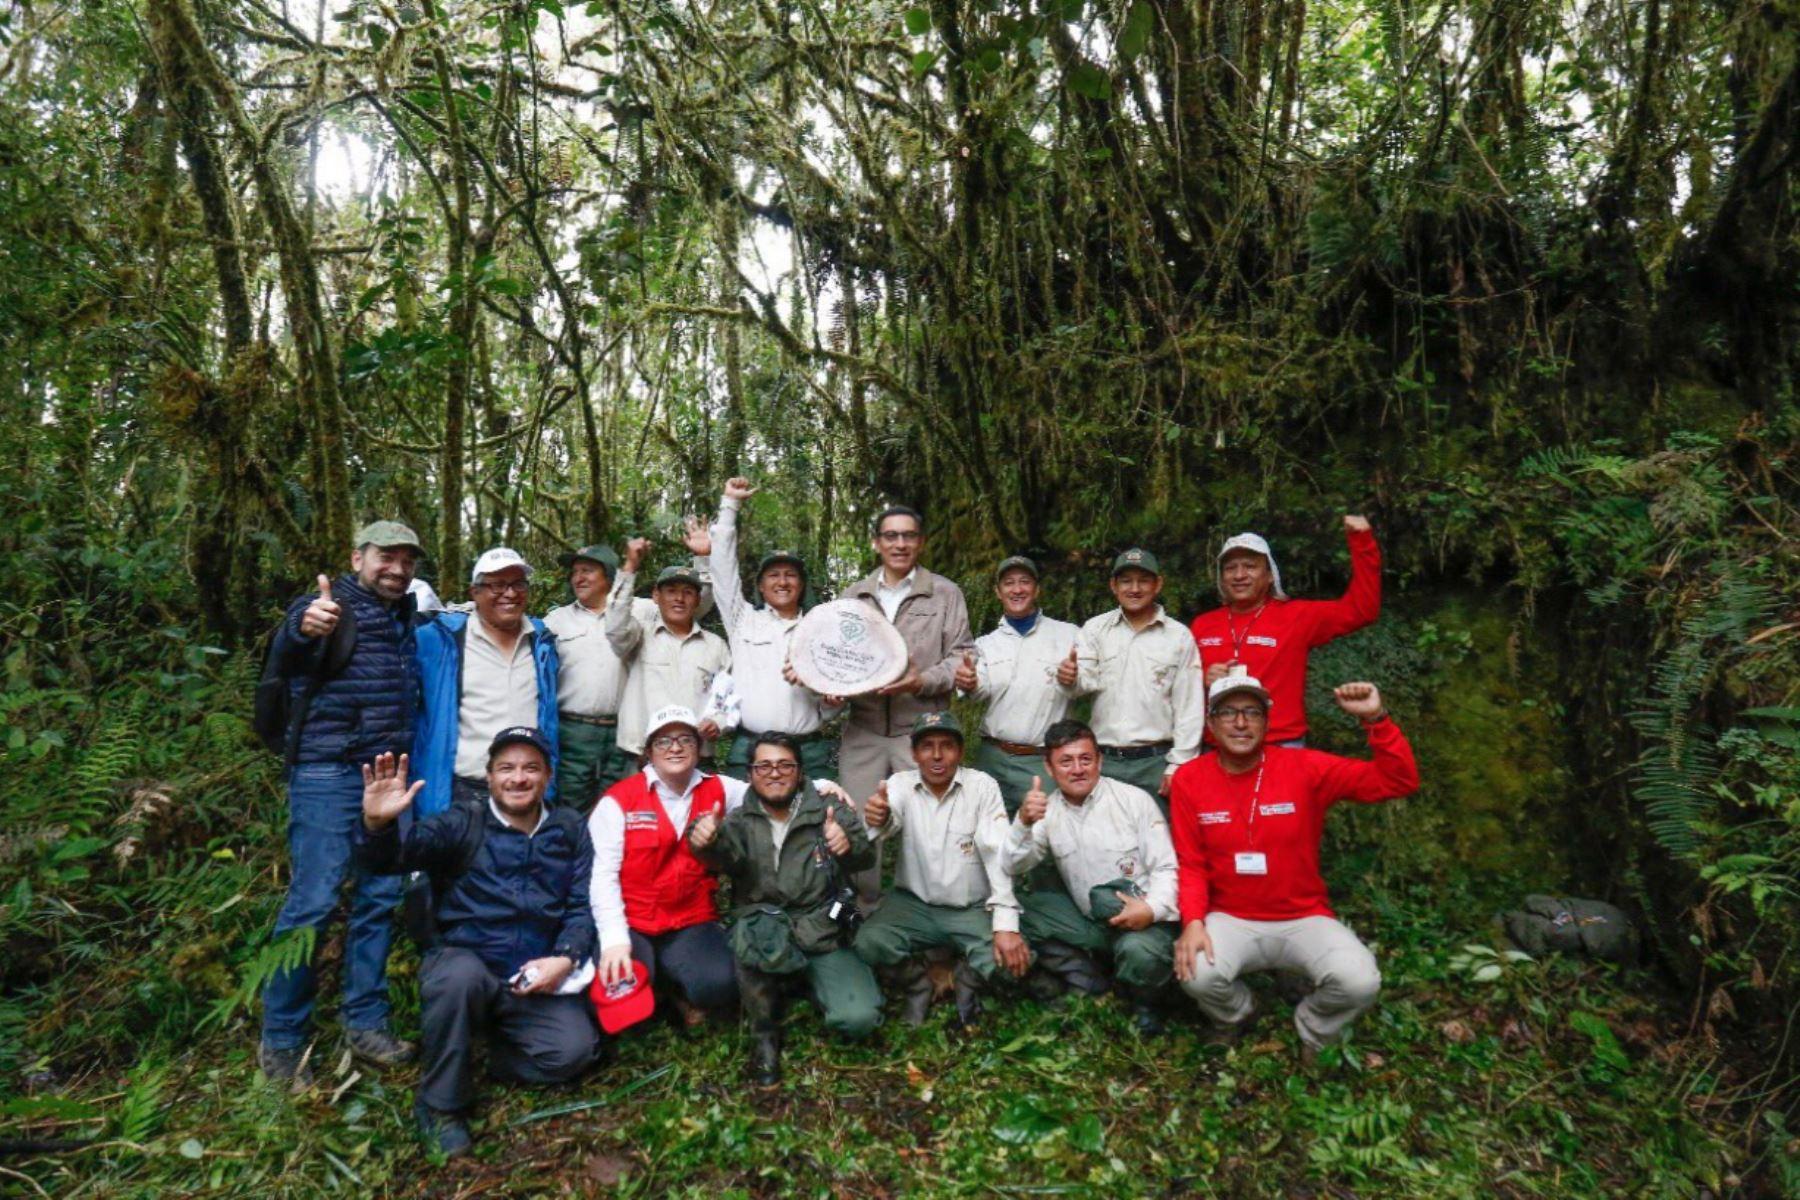 El presidente Martín Vizcarra y el ministro de Comercio Exterior Edgar Vásquez recorrieron El Gran Pajatén como parte de las acciones para ponerlo en valor y convertirlo en un nuevo atractivo turístico del Perú.Foto:ANDINA/MINCETUR